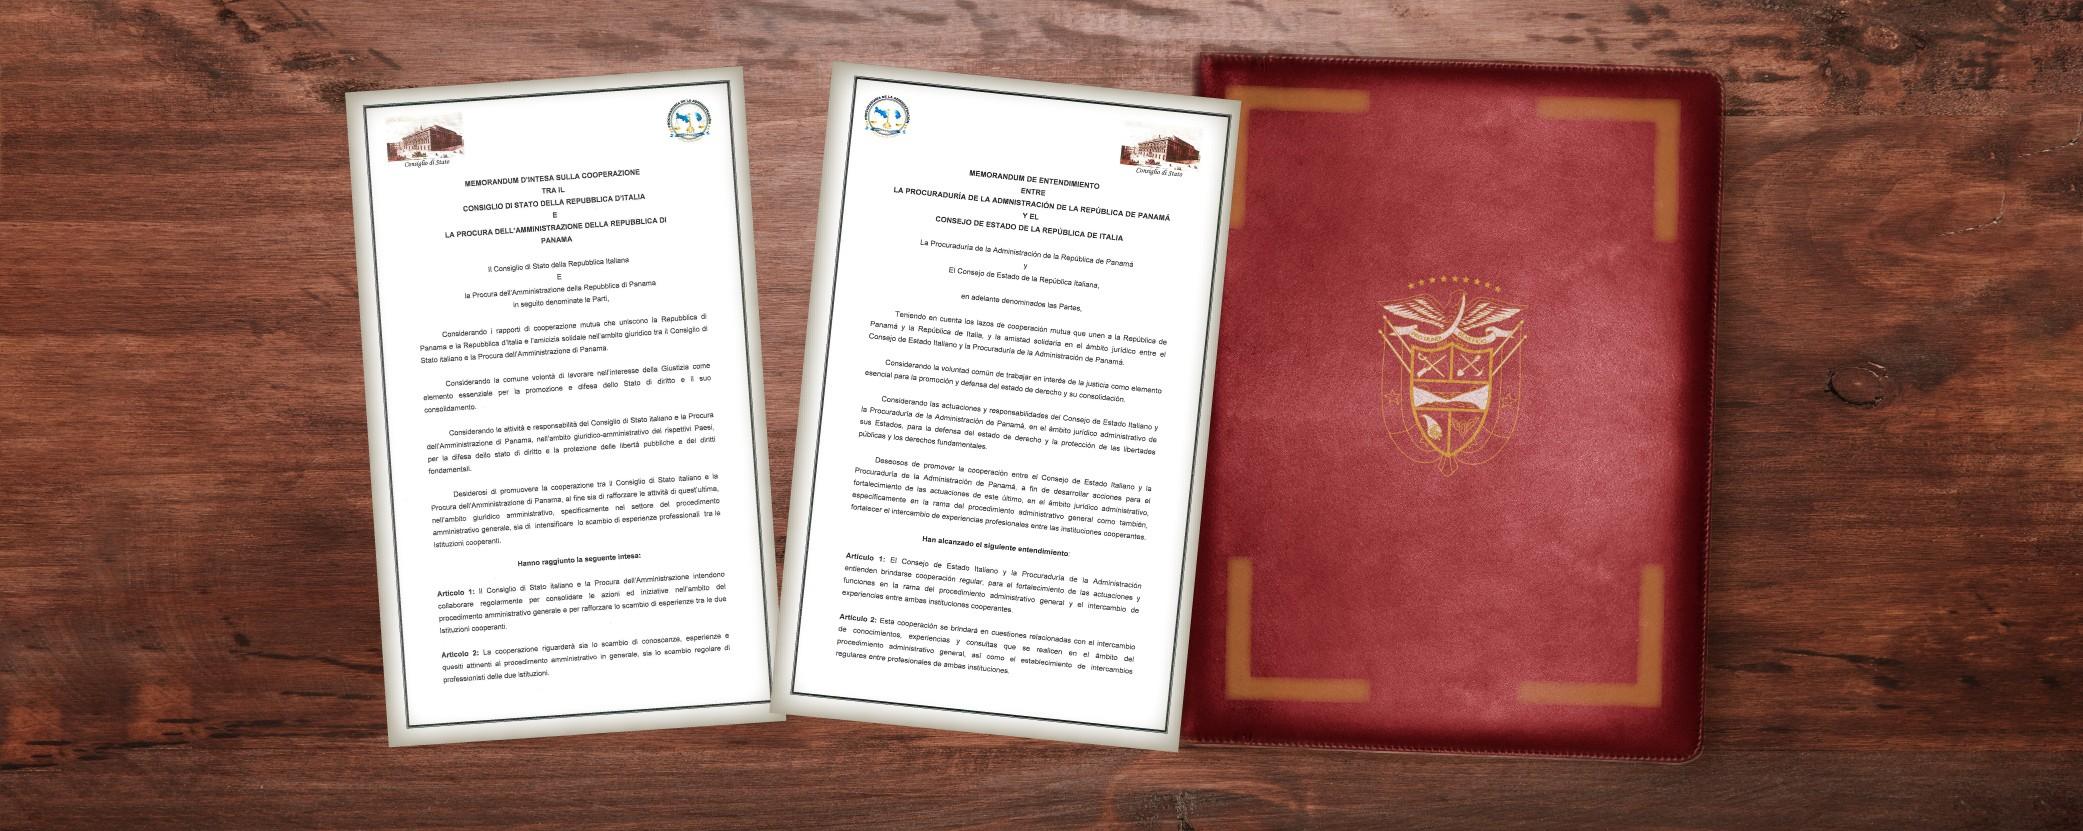 Procuraduría de la Administración suscribe Memorándum de Entendimiento con Consejo de Estado Italiano